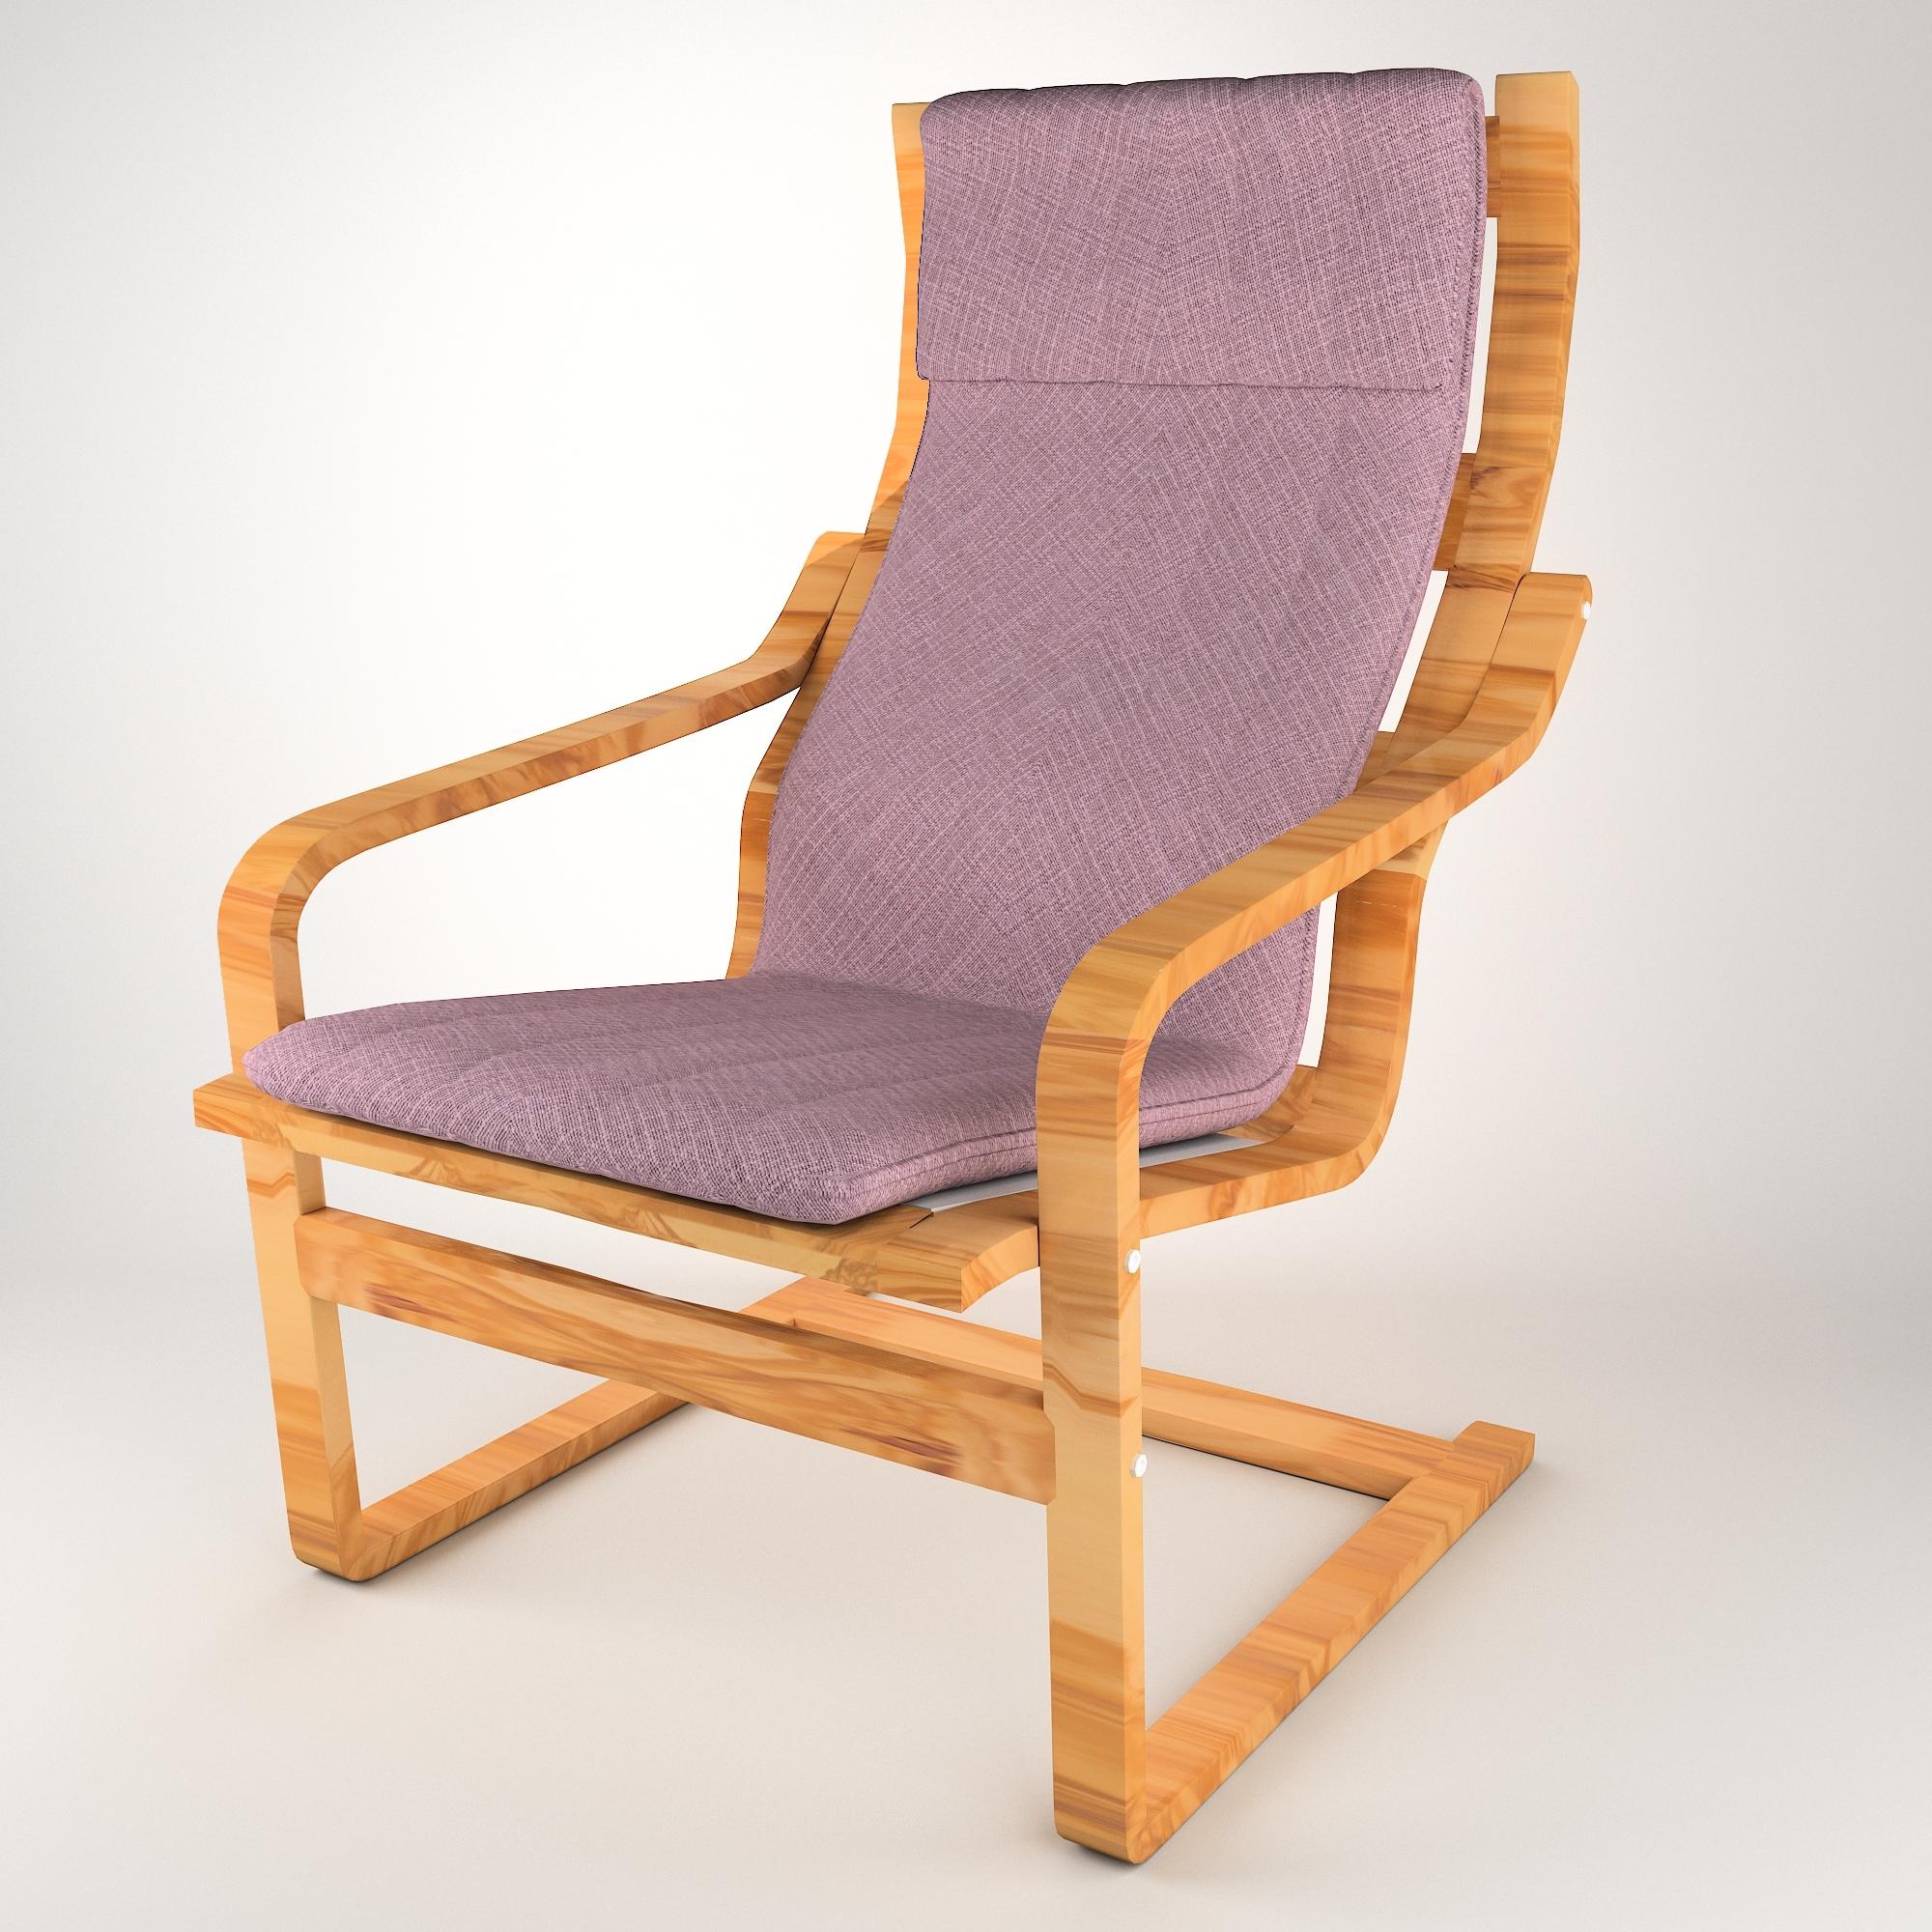 Full Size of Ikea Poang Liegestuhl 3d Modell Turbosquid 1246751 Sofa Mit Schlaffunktion Betten 160x200 Küche Kosten Garten Bei Modulküche Kaufen Miniküche Wohnzimmer Liegestuhl Ikea